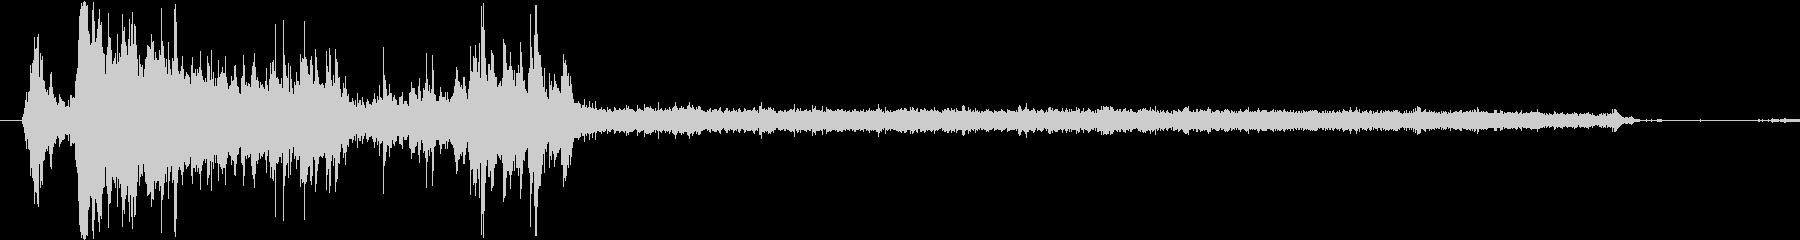 ジャー(トイレを流す音)の未再生の波形